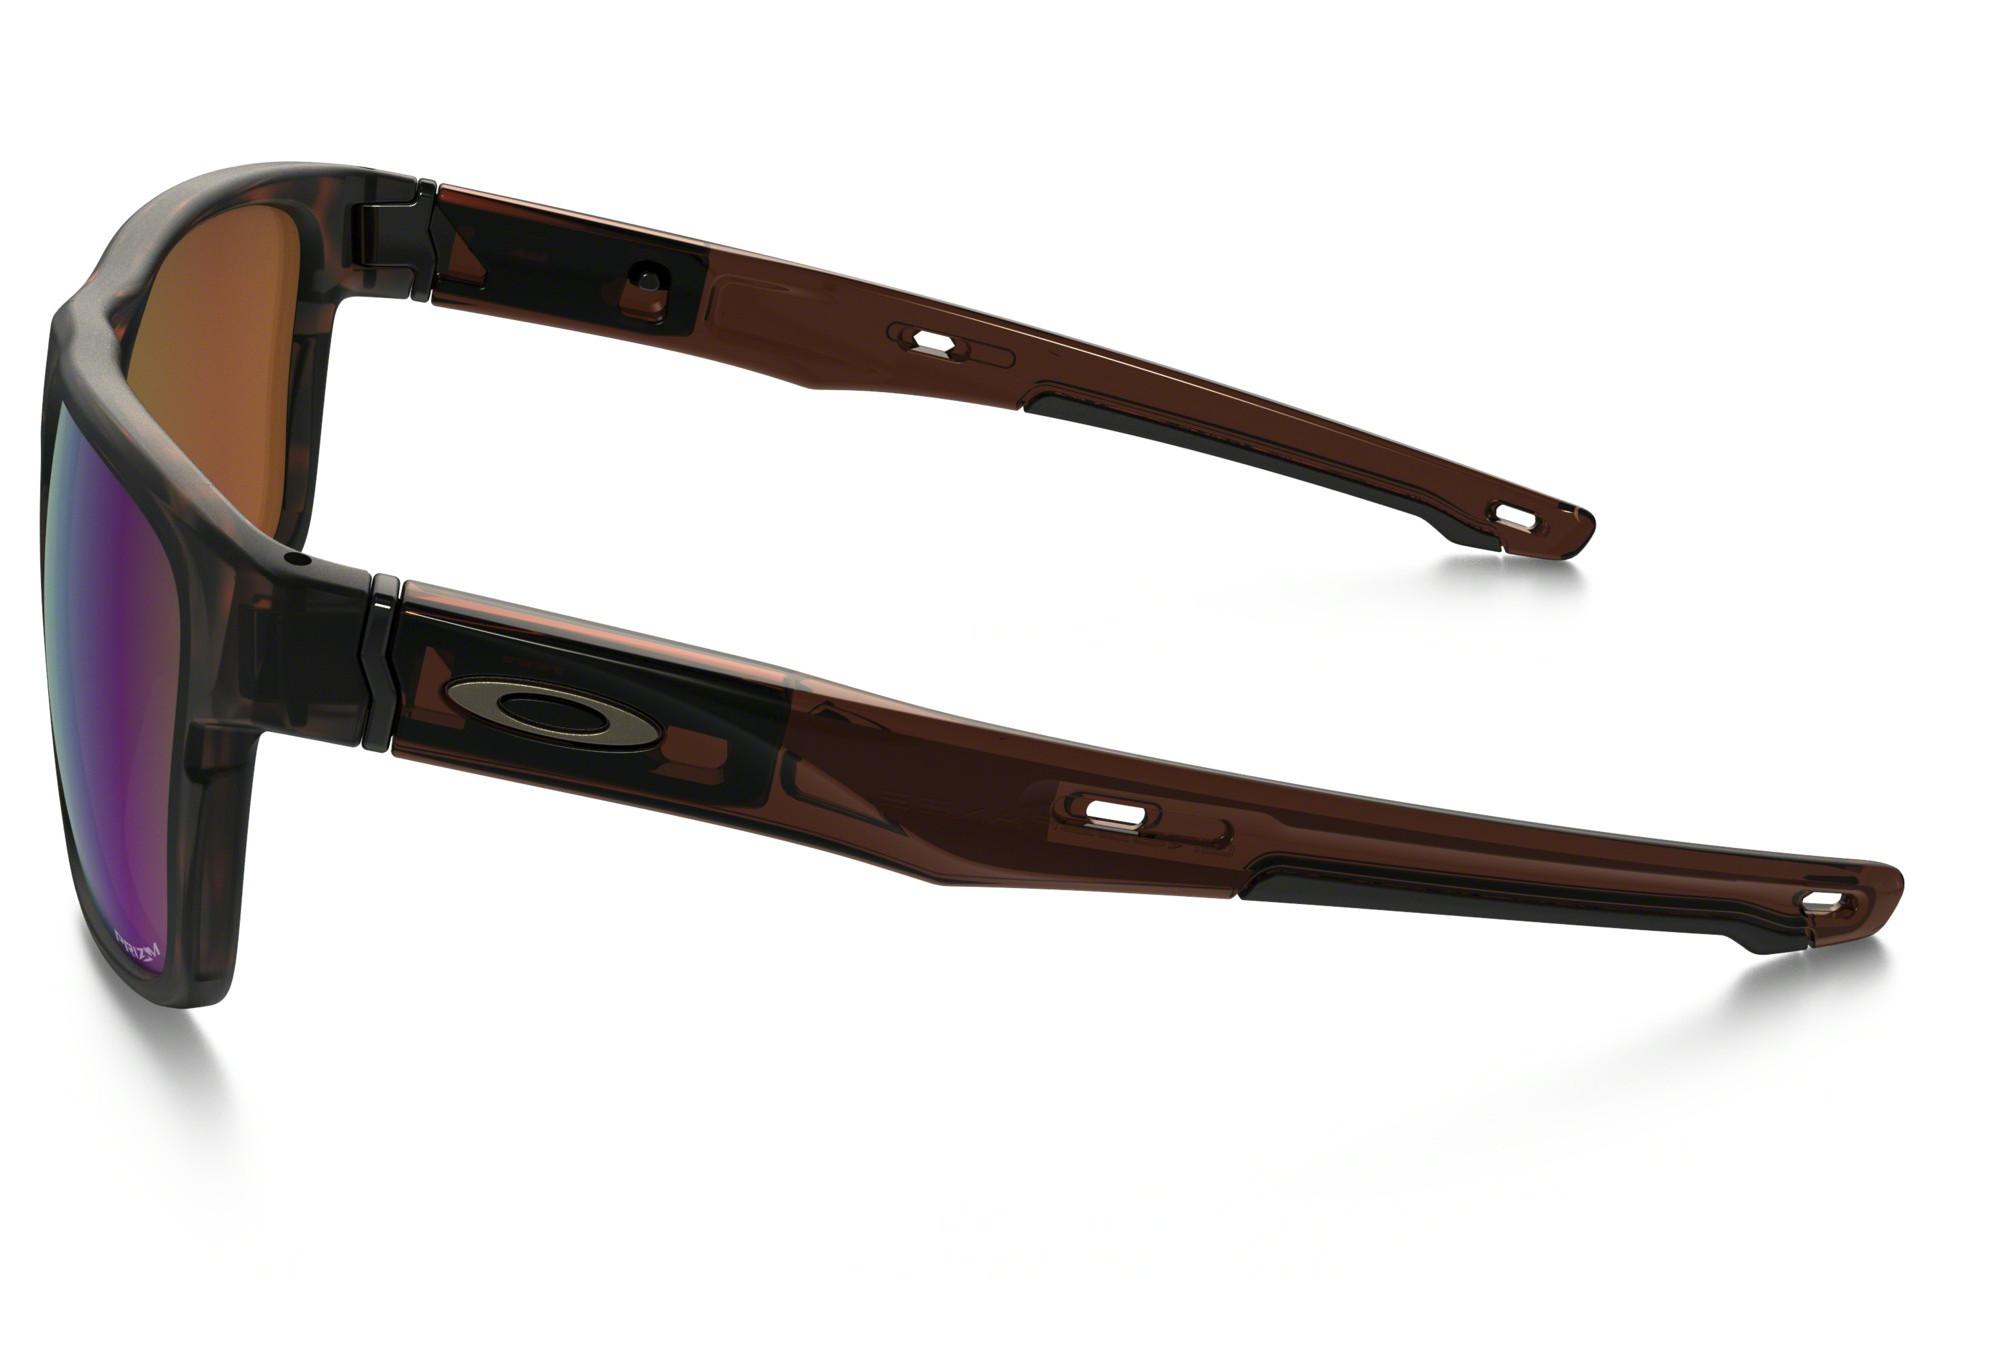 9f32e447e1 Oakley Crossrange Sunglasses Brown Prizm Shallow Water Polarized Ref  OO9361-1057